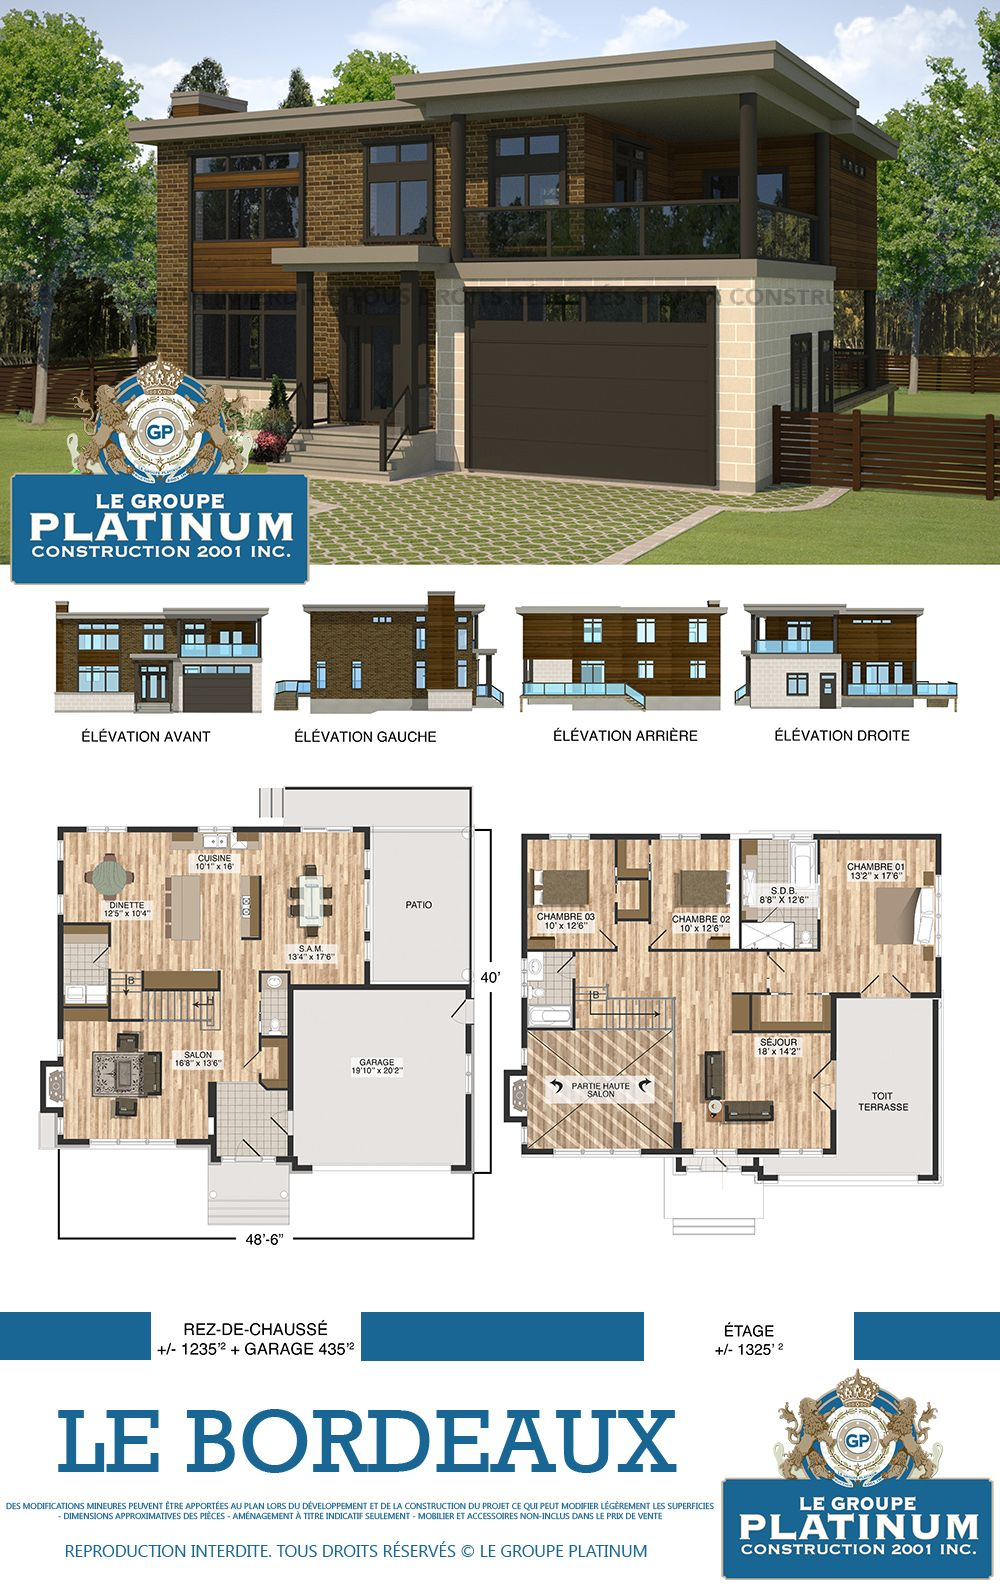 Mod le de maison neuve le bordeaux le groupe platinum construction de maisons et condos for Construction maison neuve bordeaux